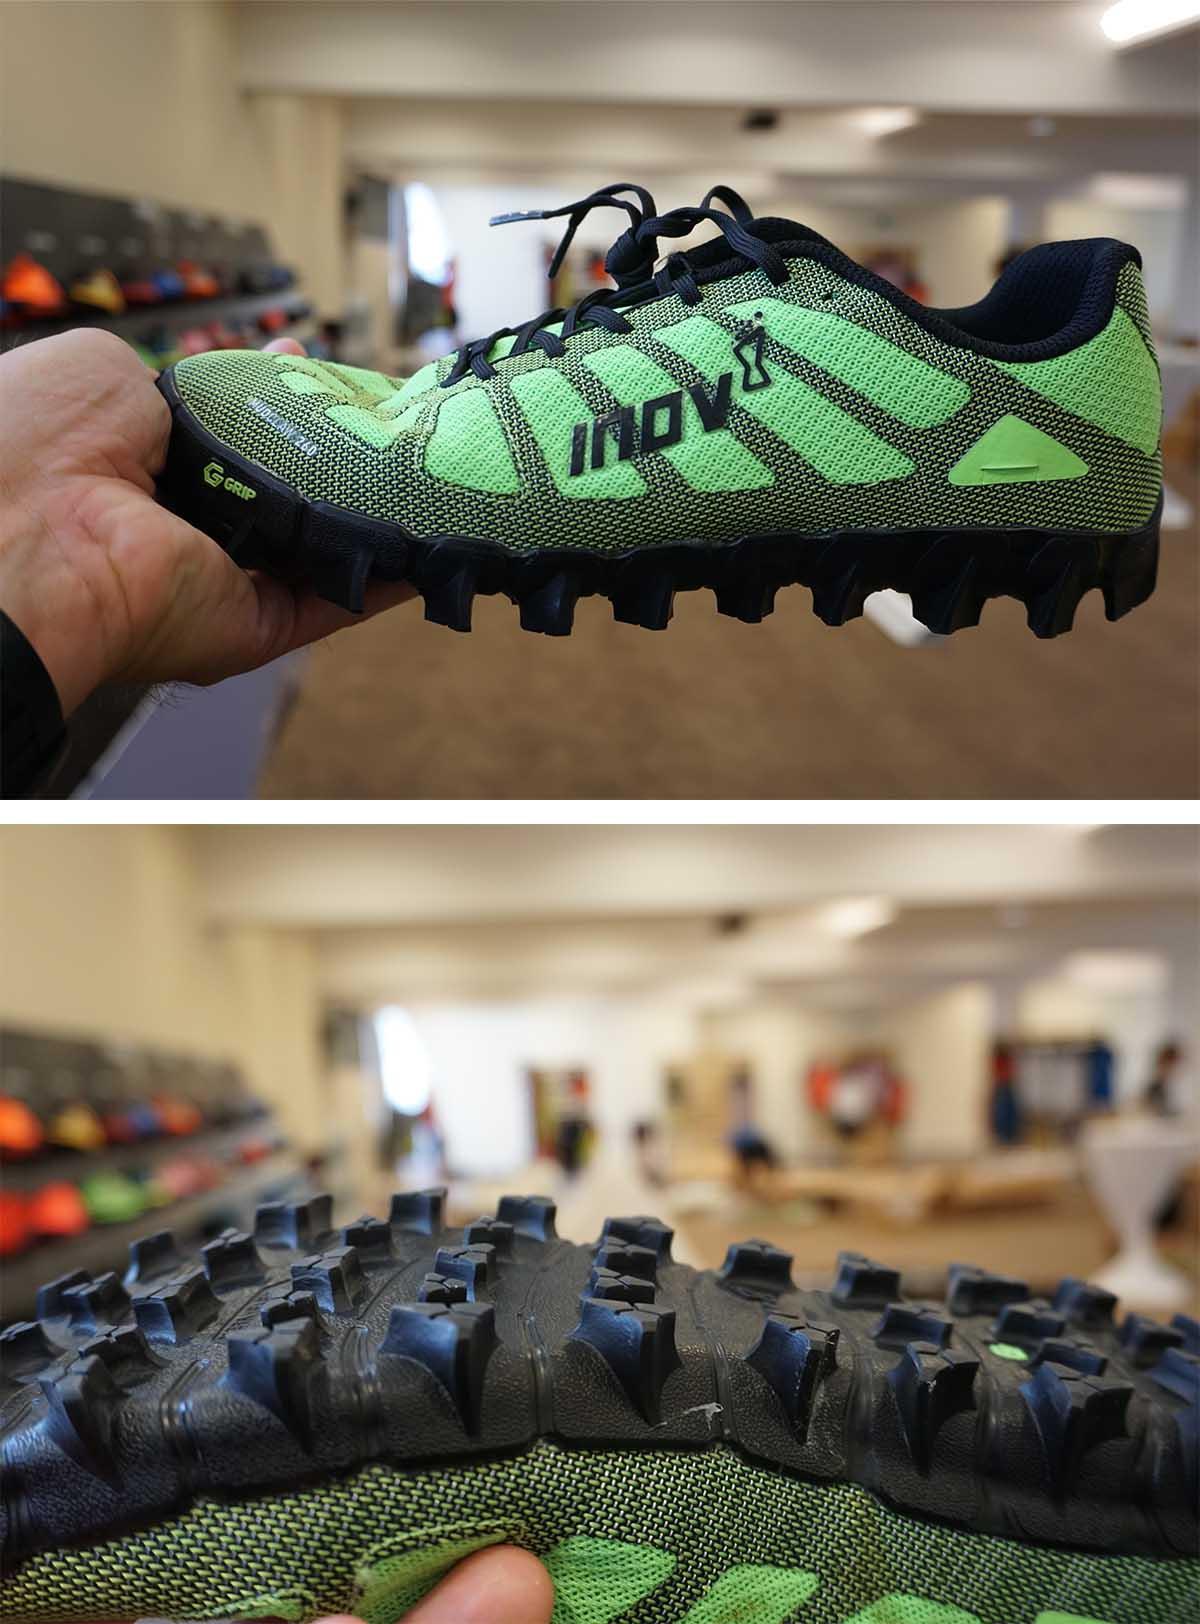 Trailrunová obuv Inov8 s integrovanou graphene technológiou v podrážke